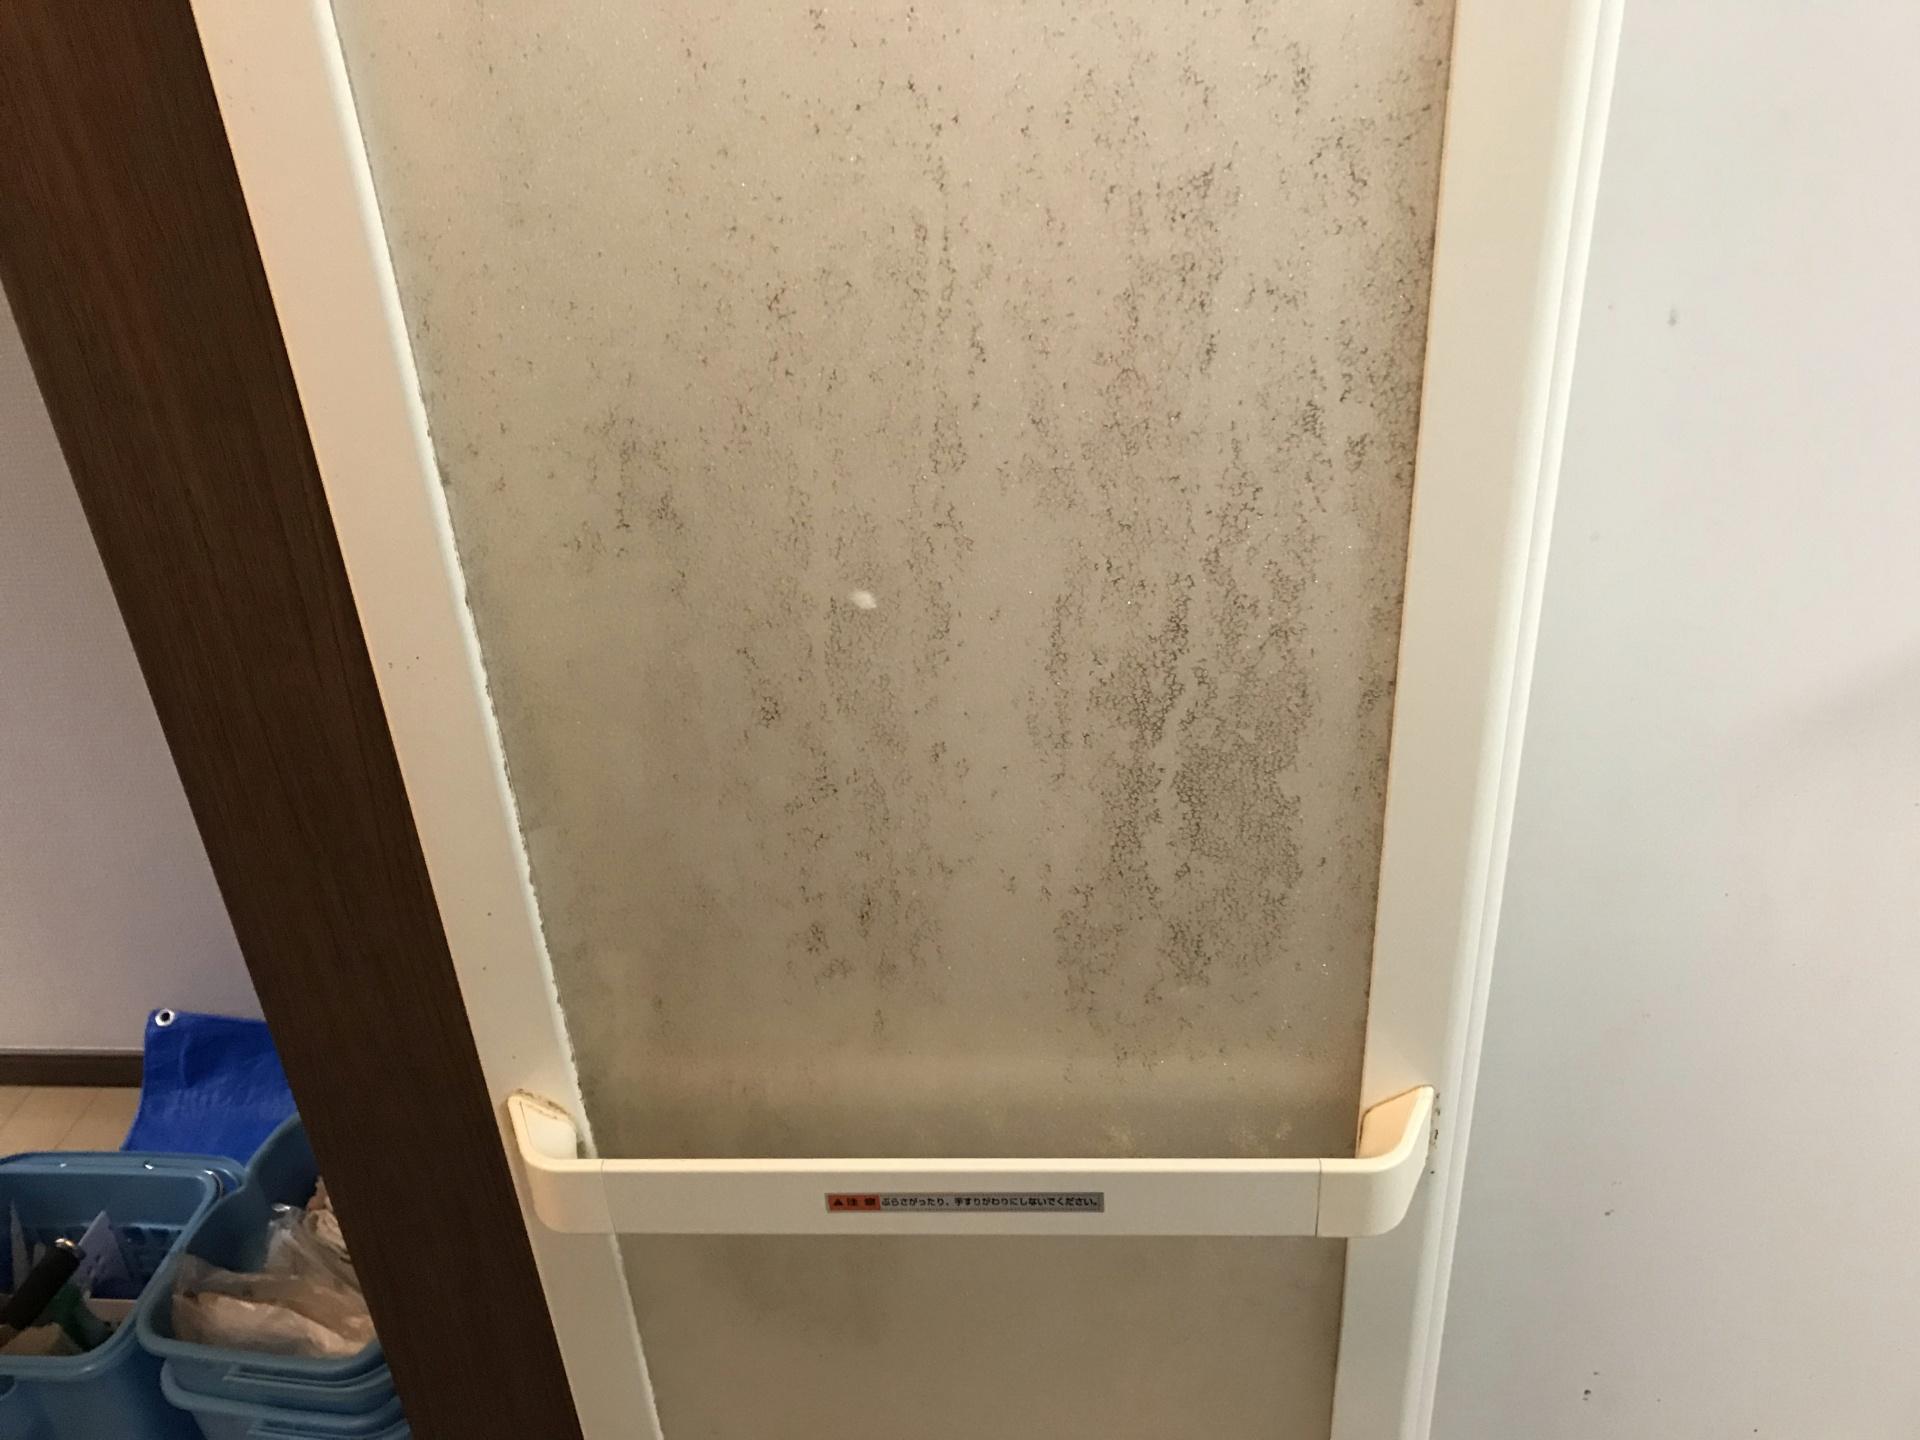 お風呂のドアも汚れています